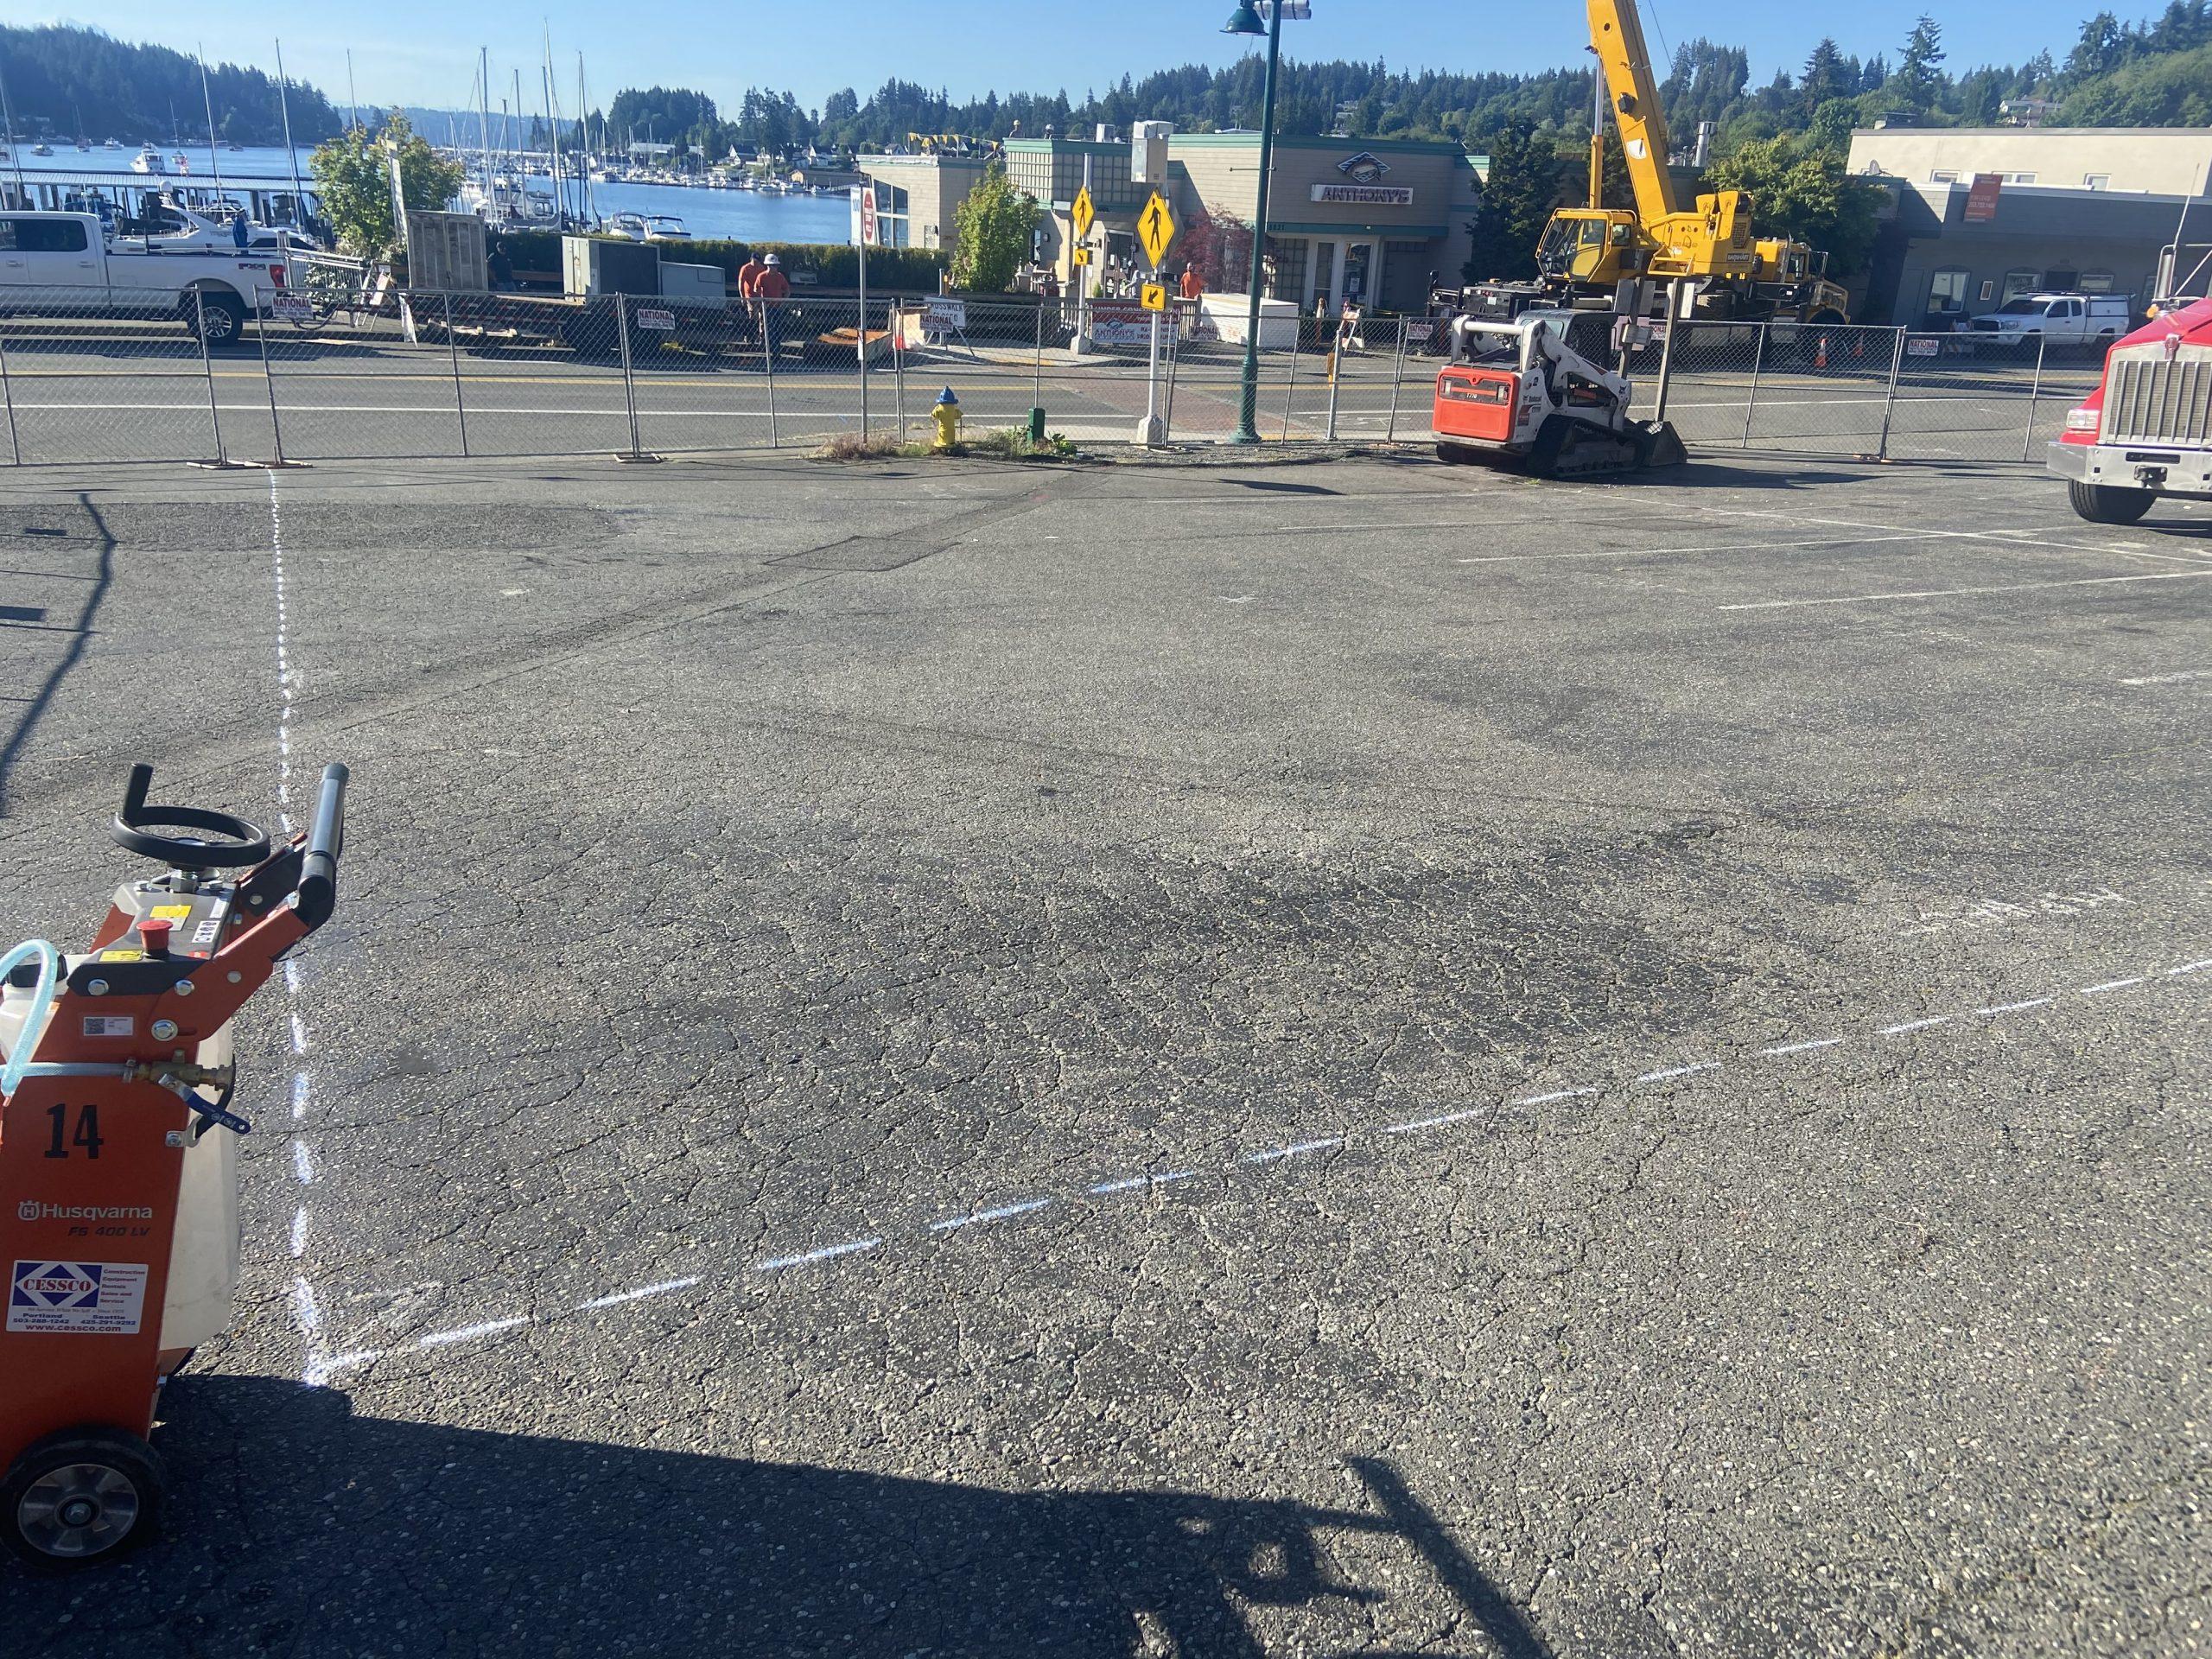 parking lot repair in Gig Harbor WA